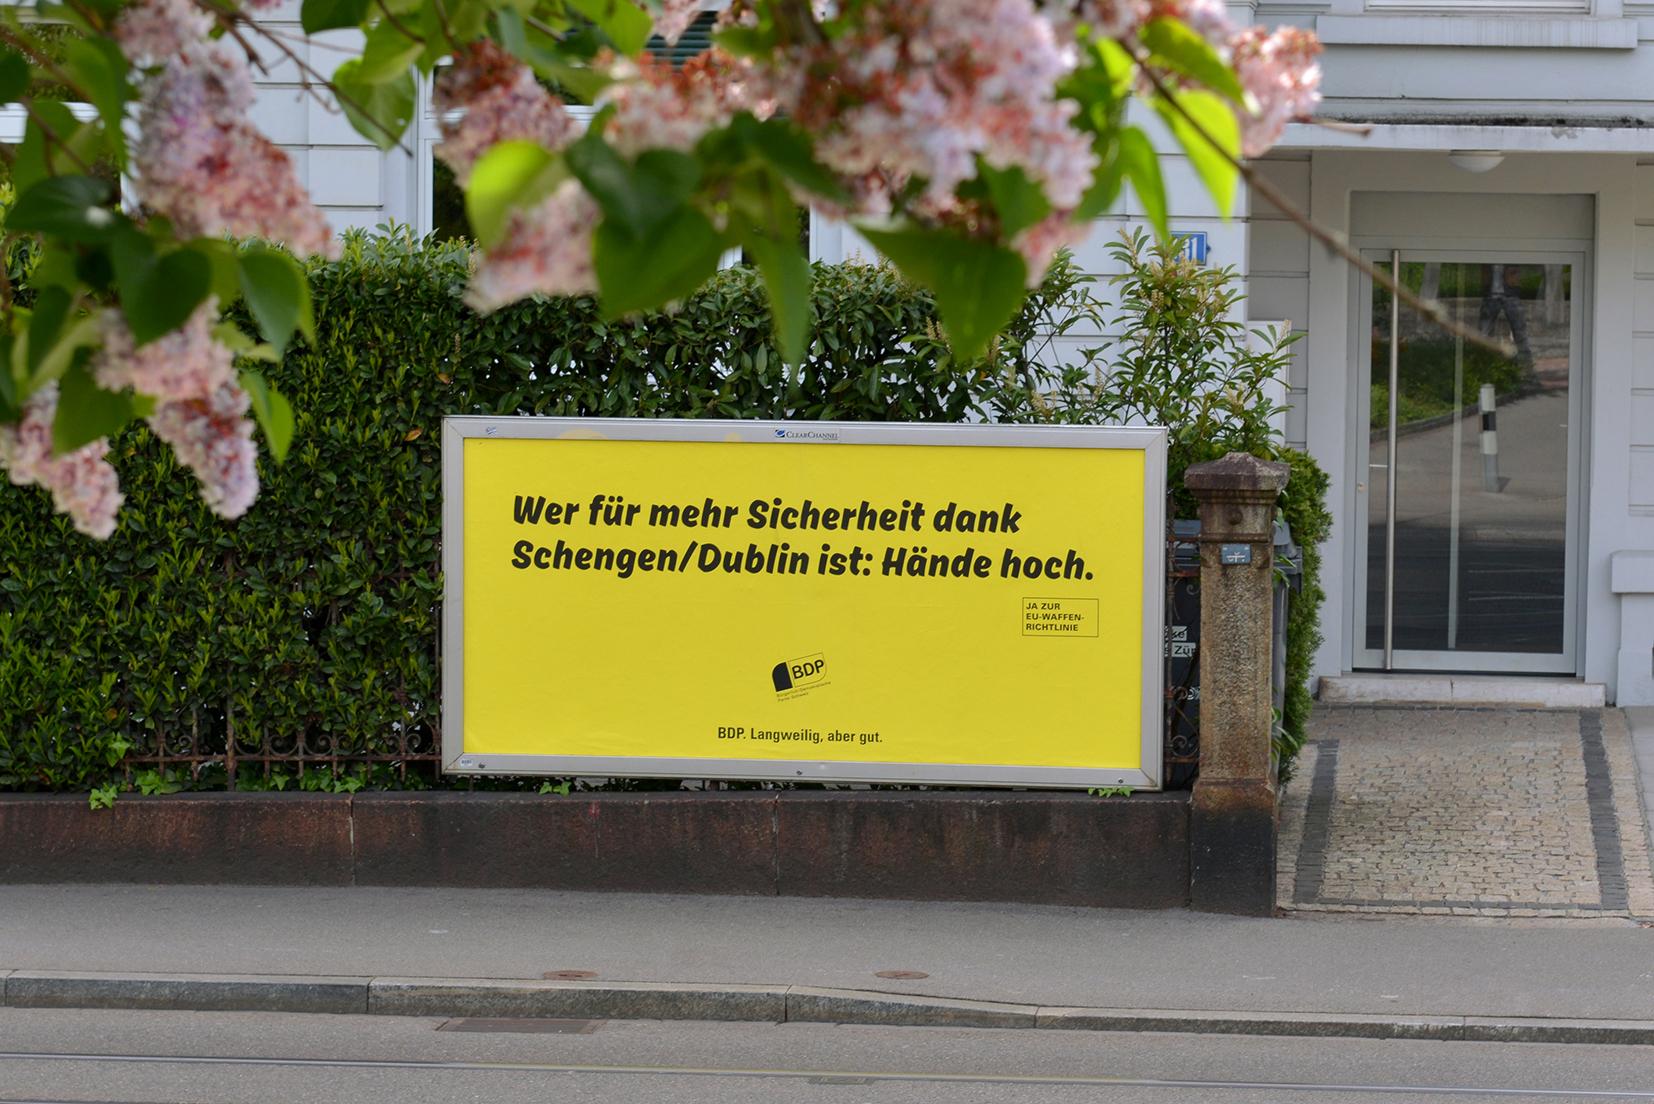 Haendehoch_BDP_(Waffenrichtlinie).jpg